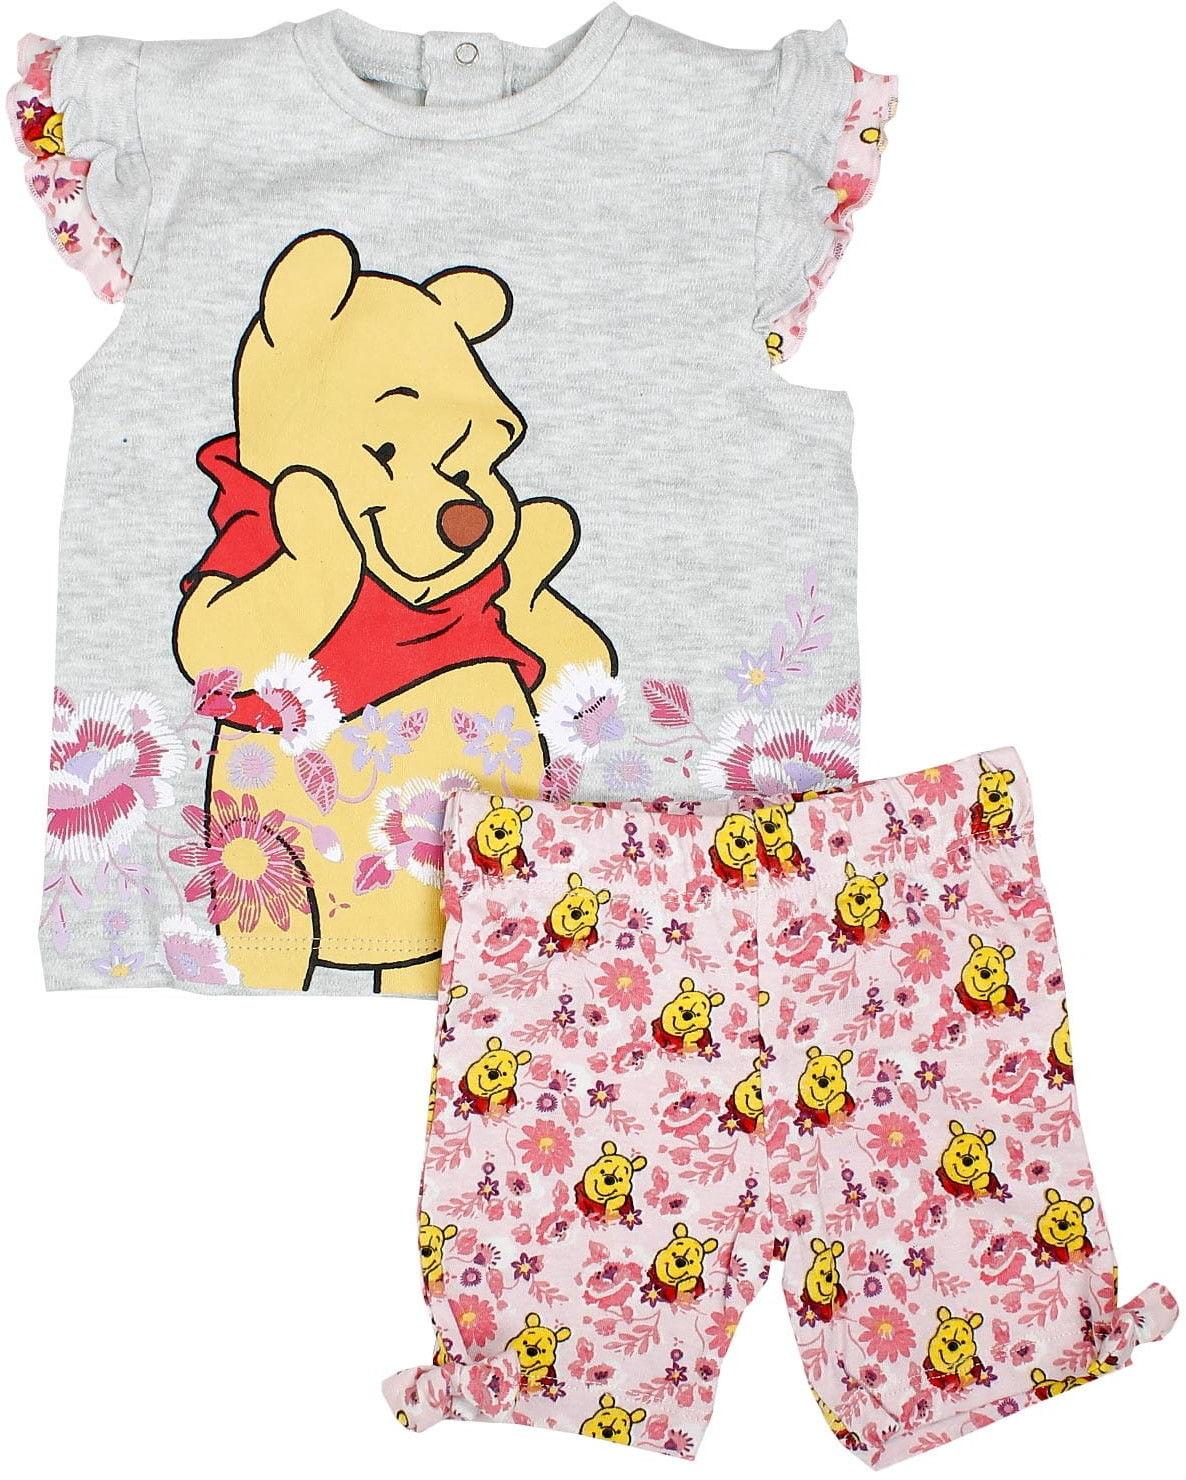 Komplet niemowlęcy dla dziewczynki KUBUŚ PUCHATEK bluzka i krótkie spodenki